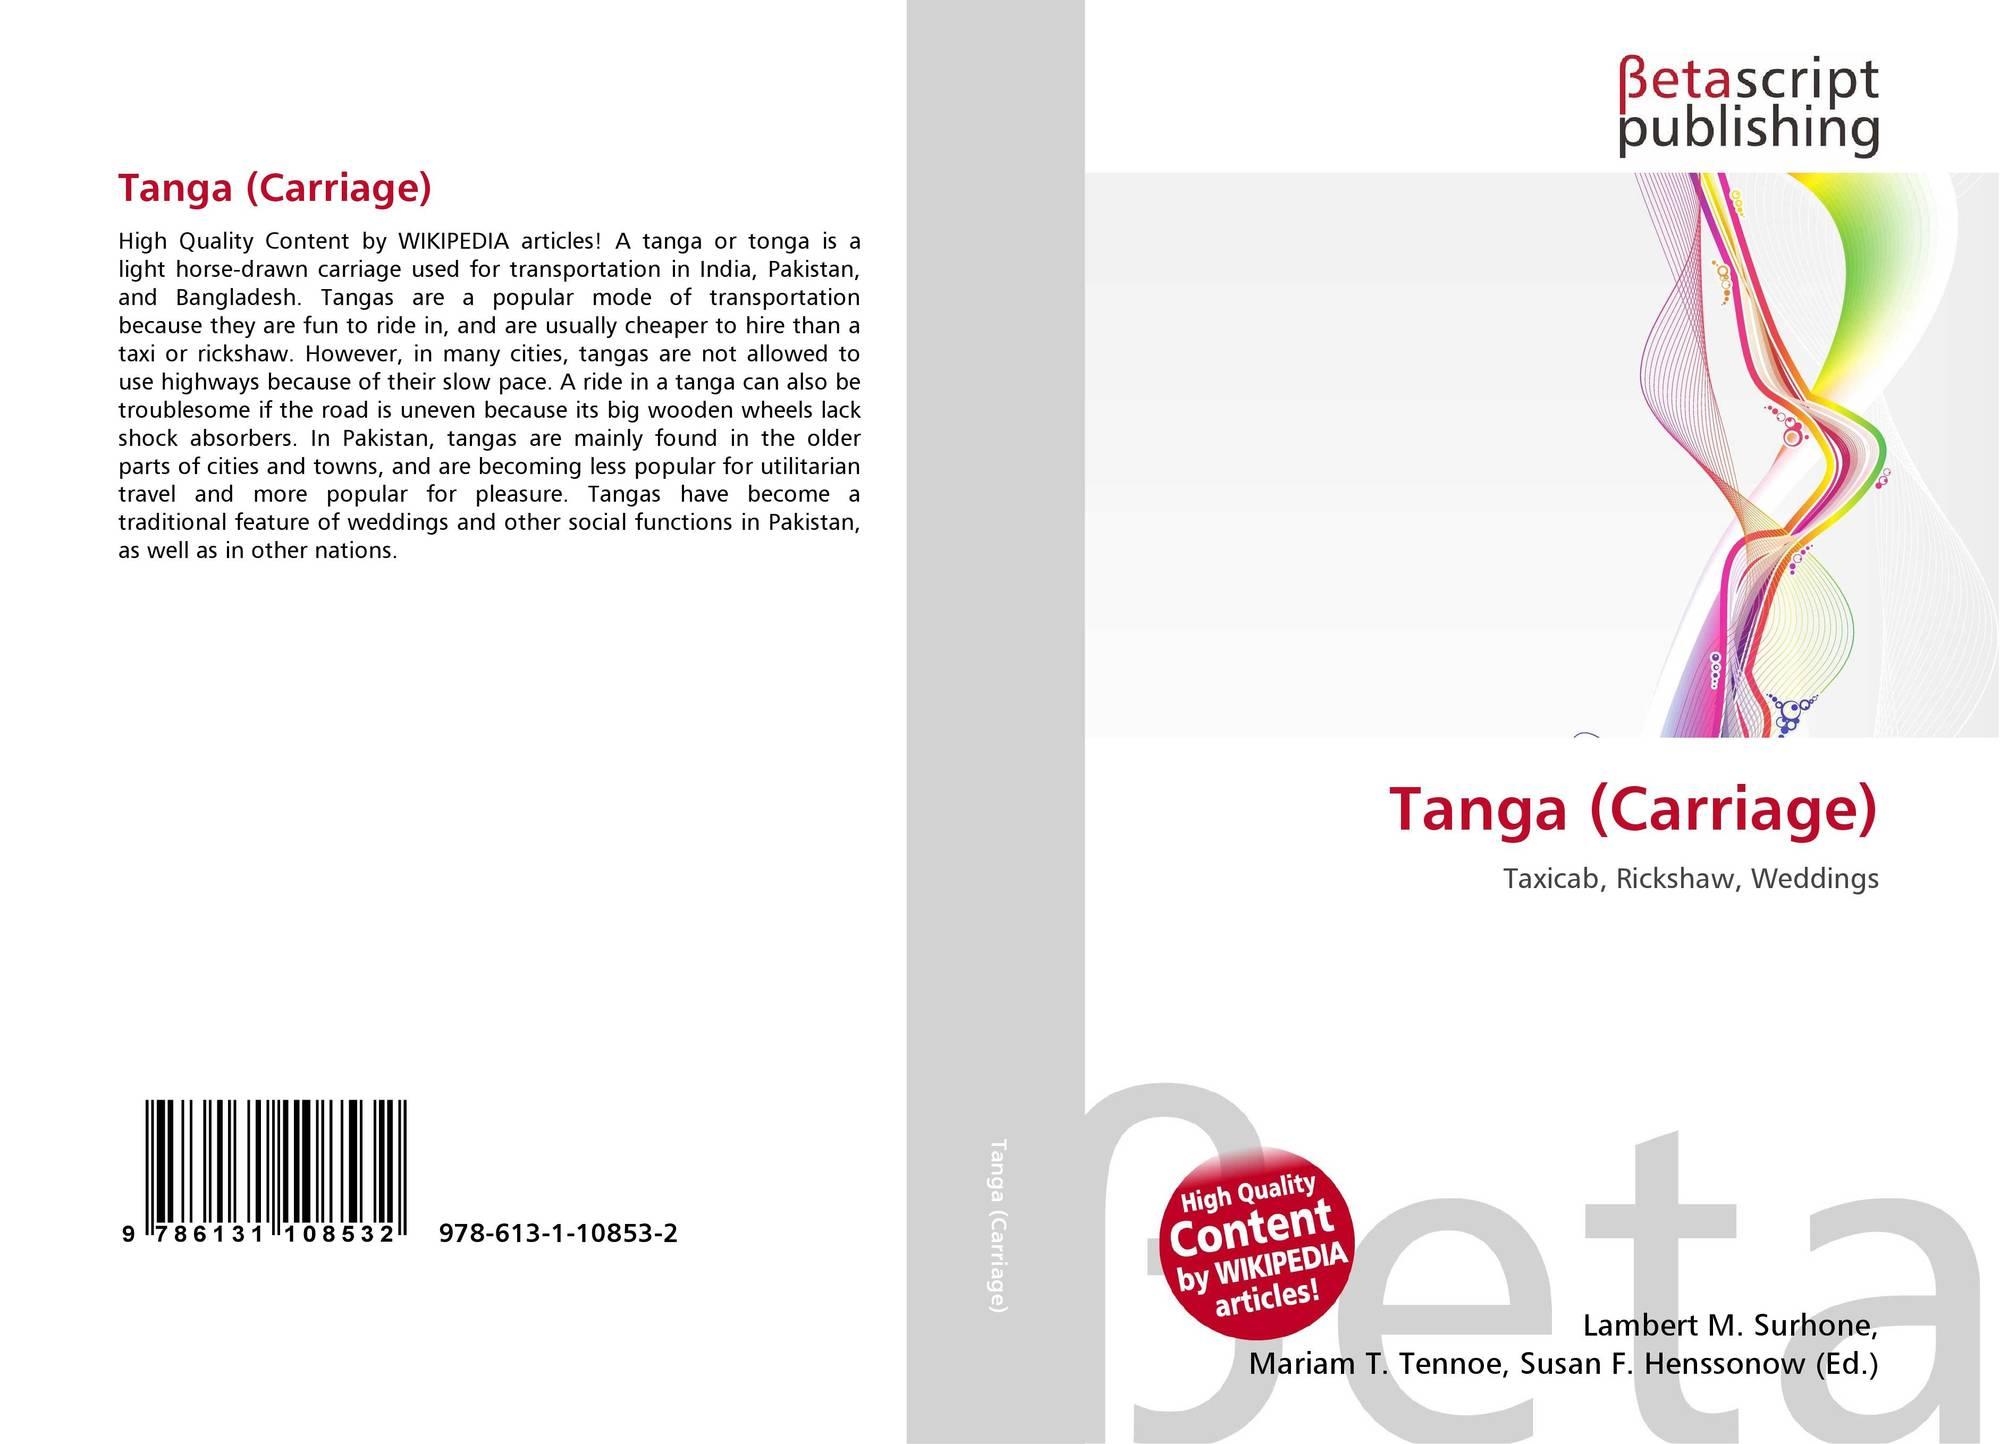 482264465 Tanga (Carriage)